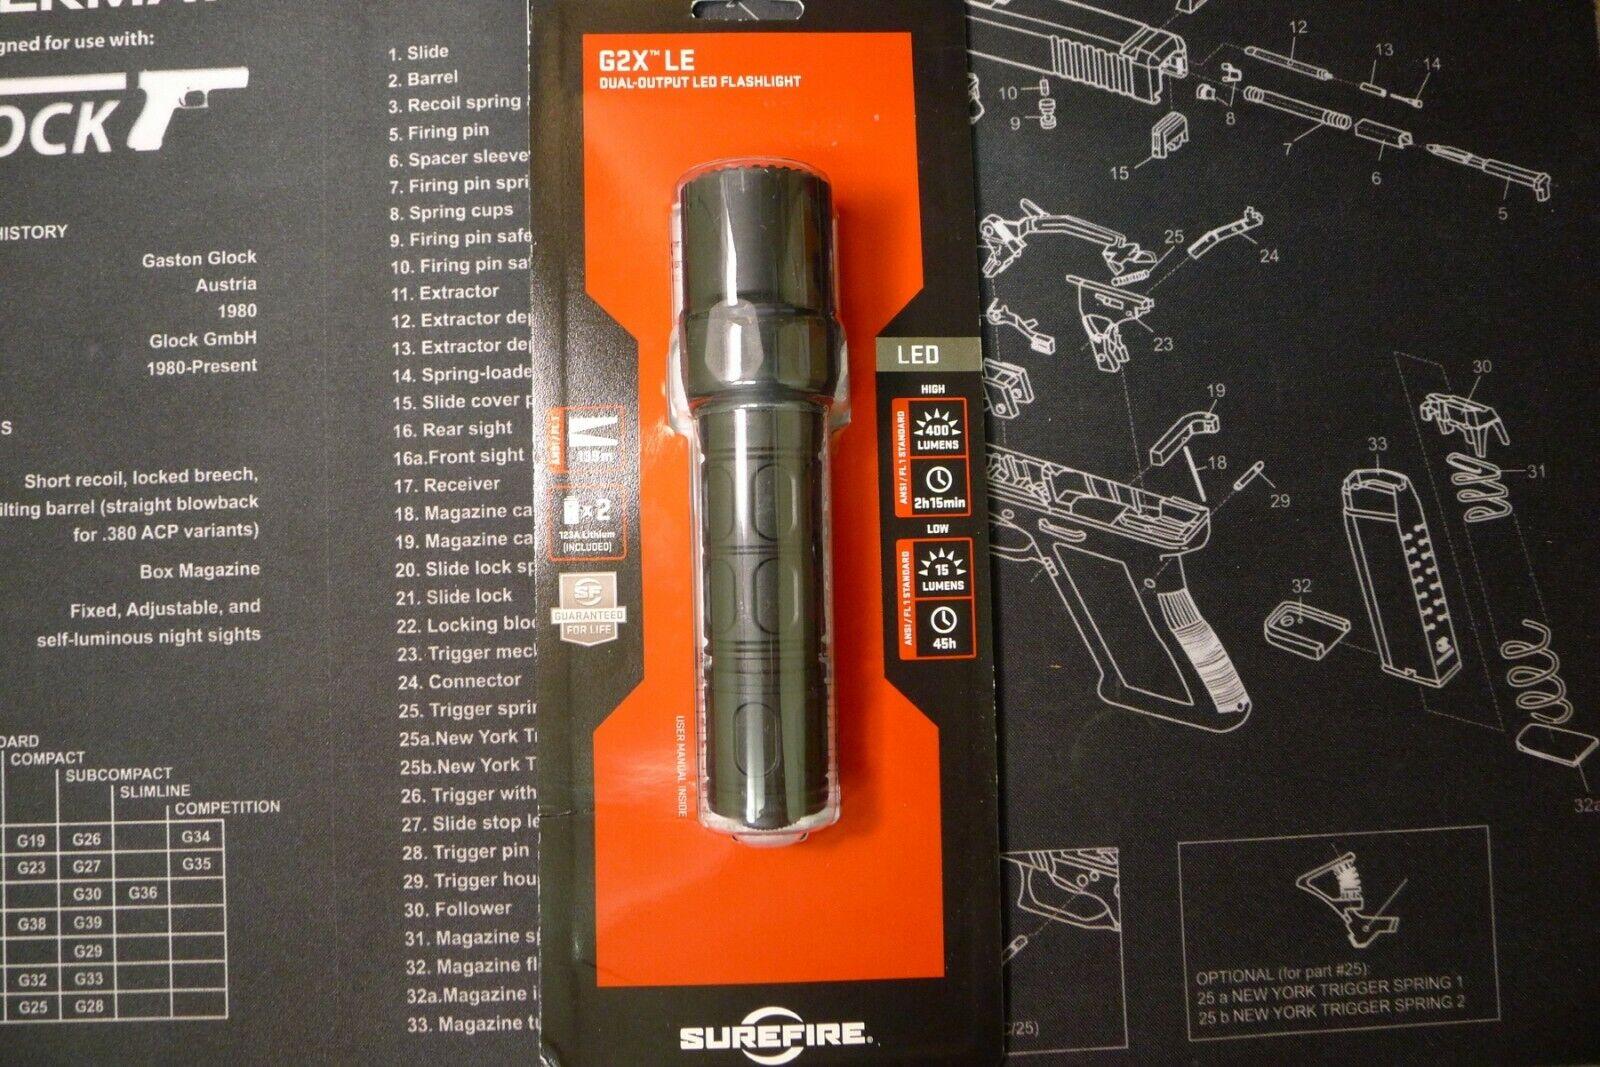 *Worldwideshipping* Surefire G2X LE 400/15lm LED flashlight